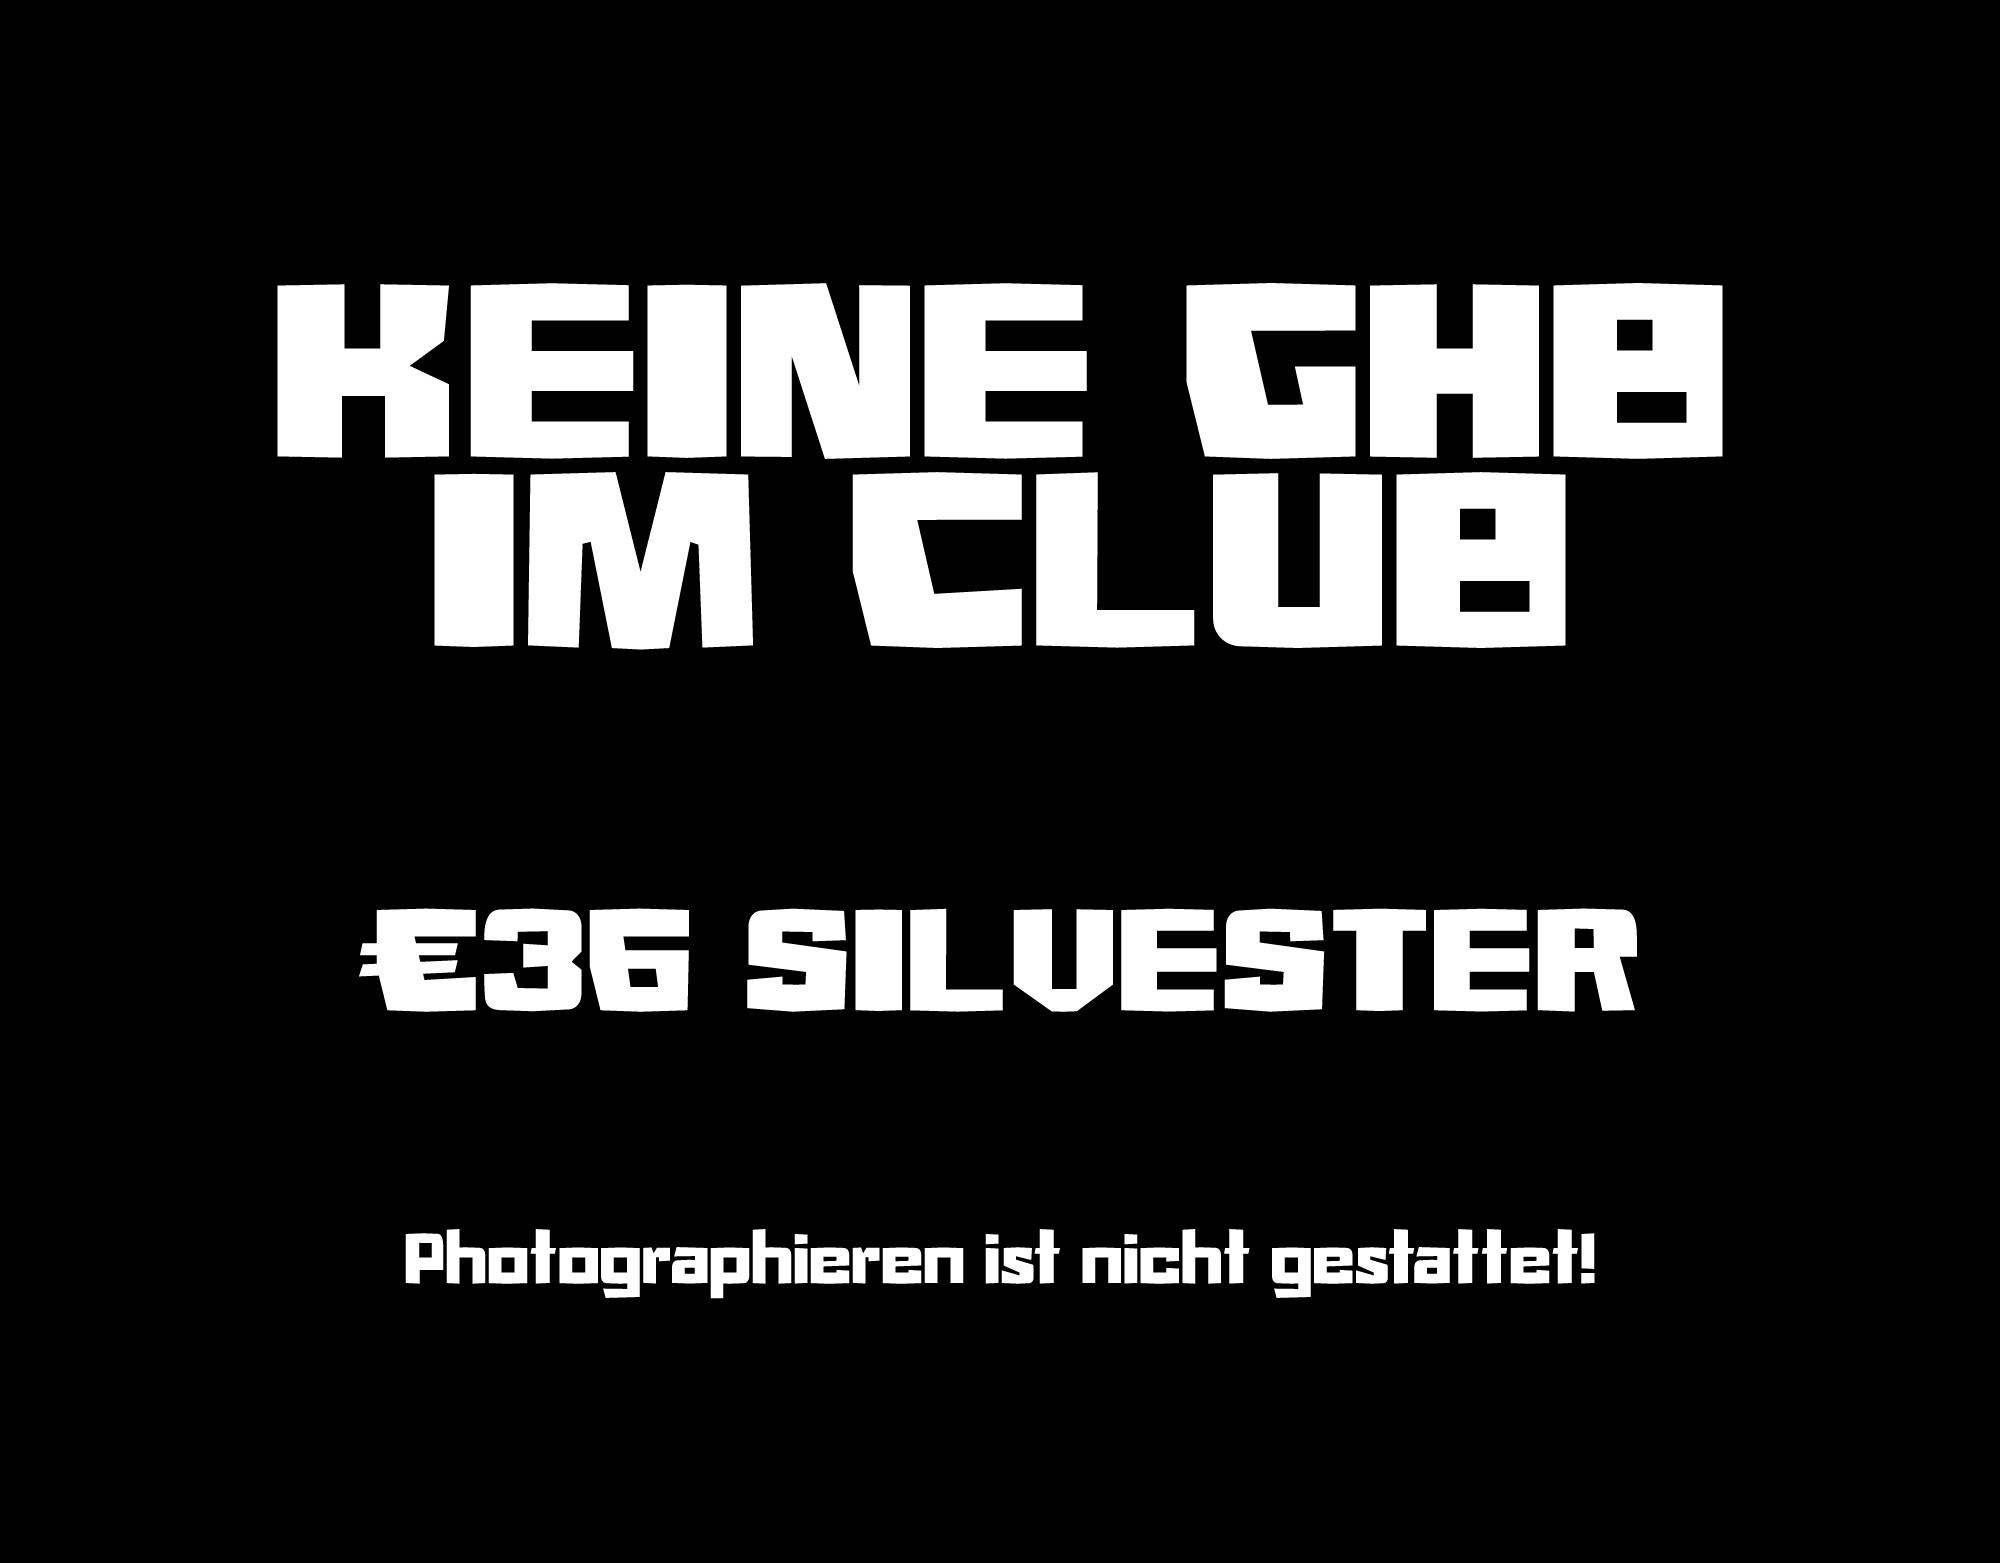 Font based on the Berghain logo. 🙄